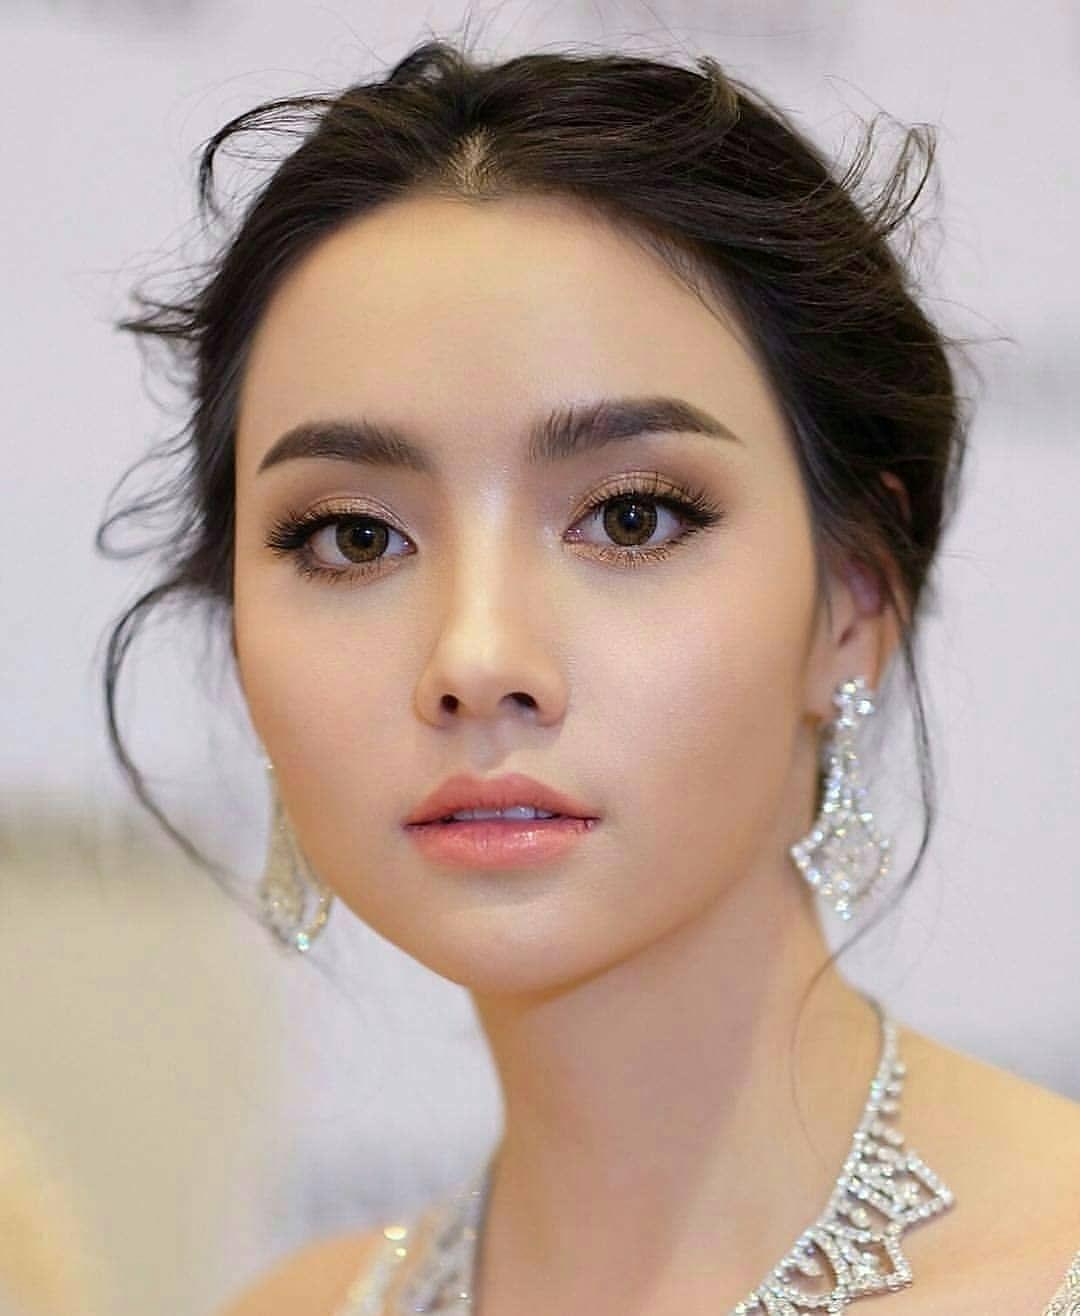 Flawless Makeup Aoh Trn Asian Wedding Makeup Bride Makeup Natural Bridal Makeup Natural